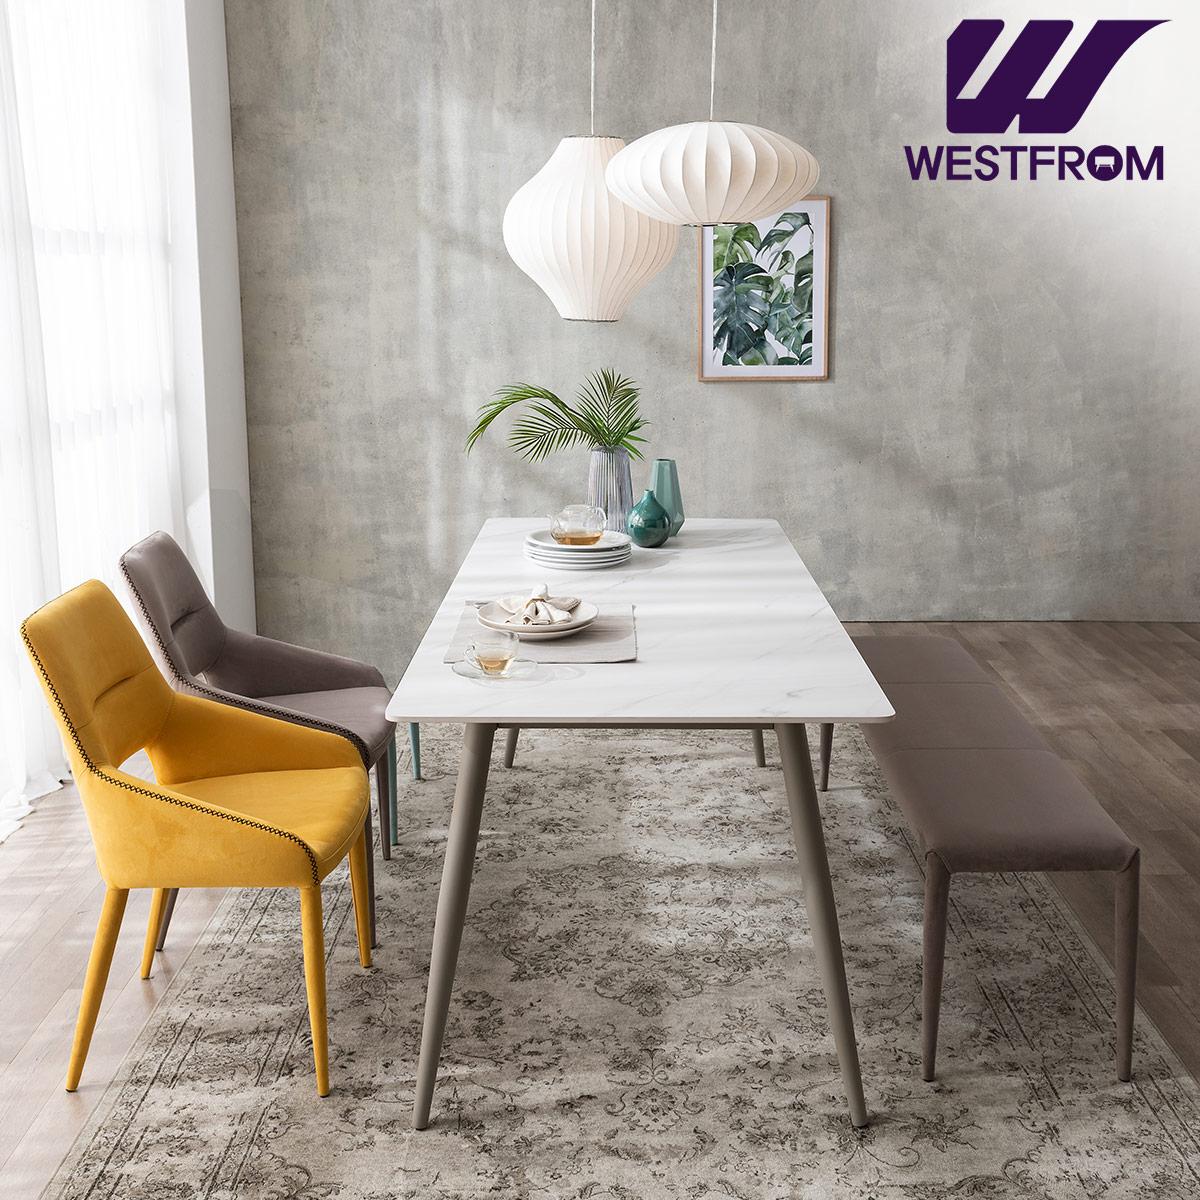 [웨스트프롬] 라클리 이지클린 4인 포세린 세라믹 식탁 + 의자 2개, 벤치 1개